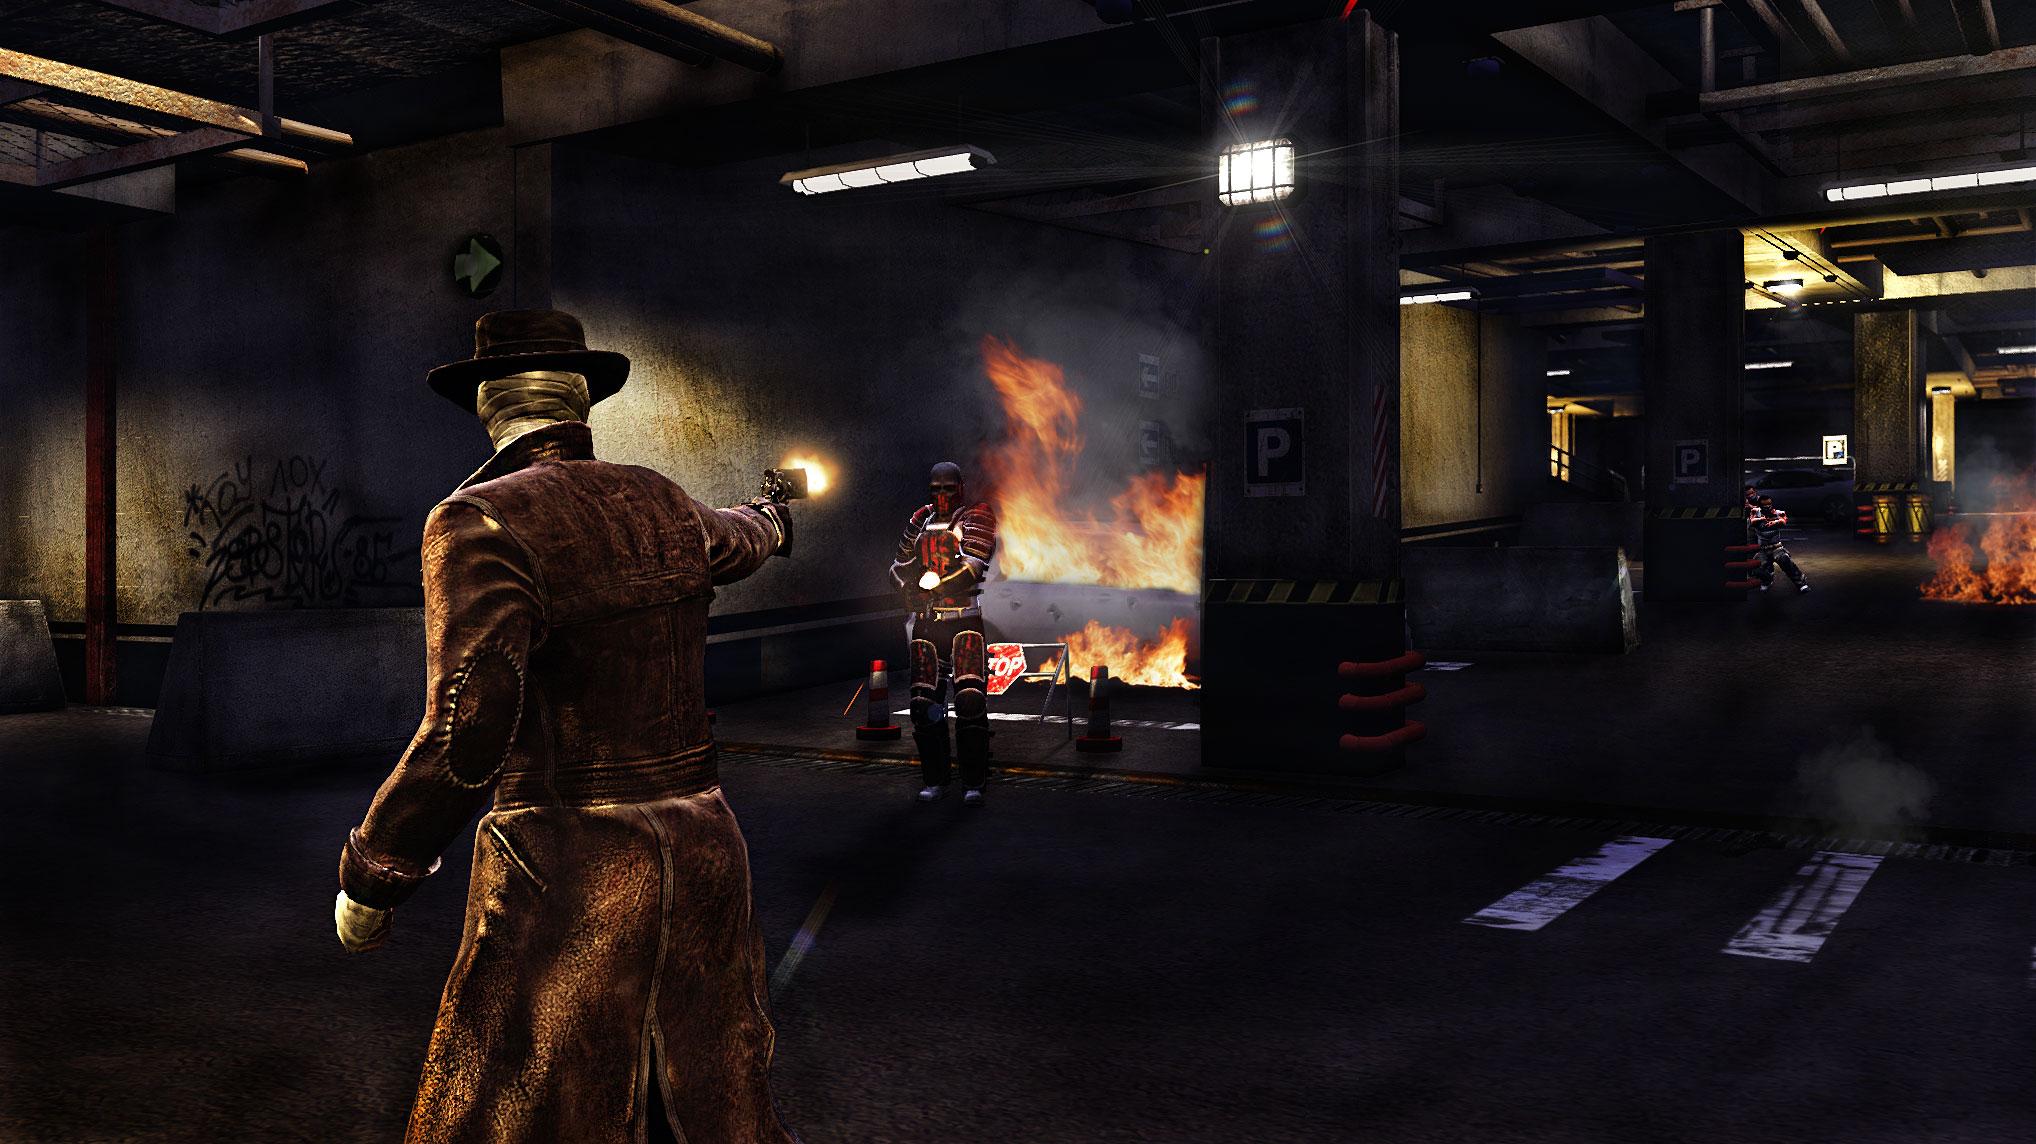 shabgard_gameplay_screenshot5